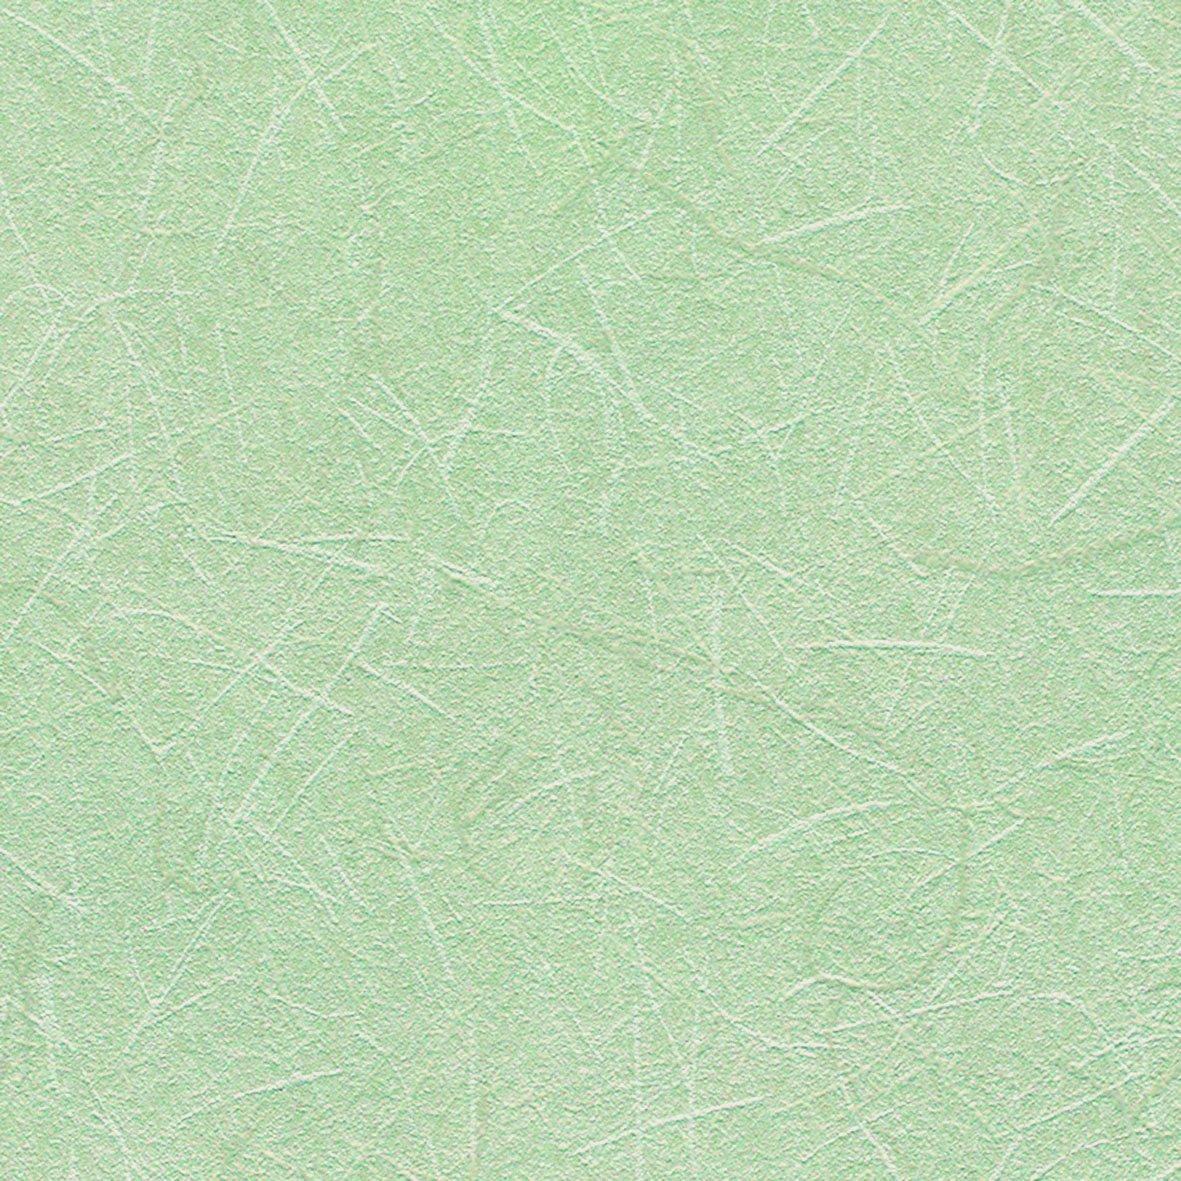 リリカラ 壁紙47m 和 石目調 グリーン LL-8297 B01N3P30NK 47m グリーン